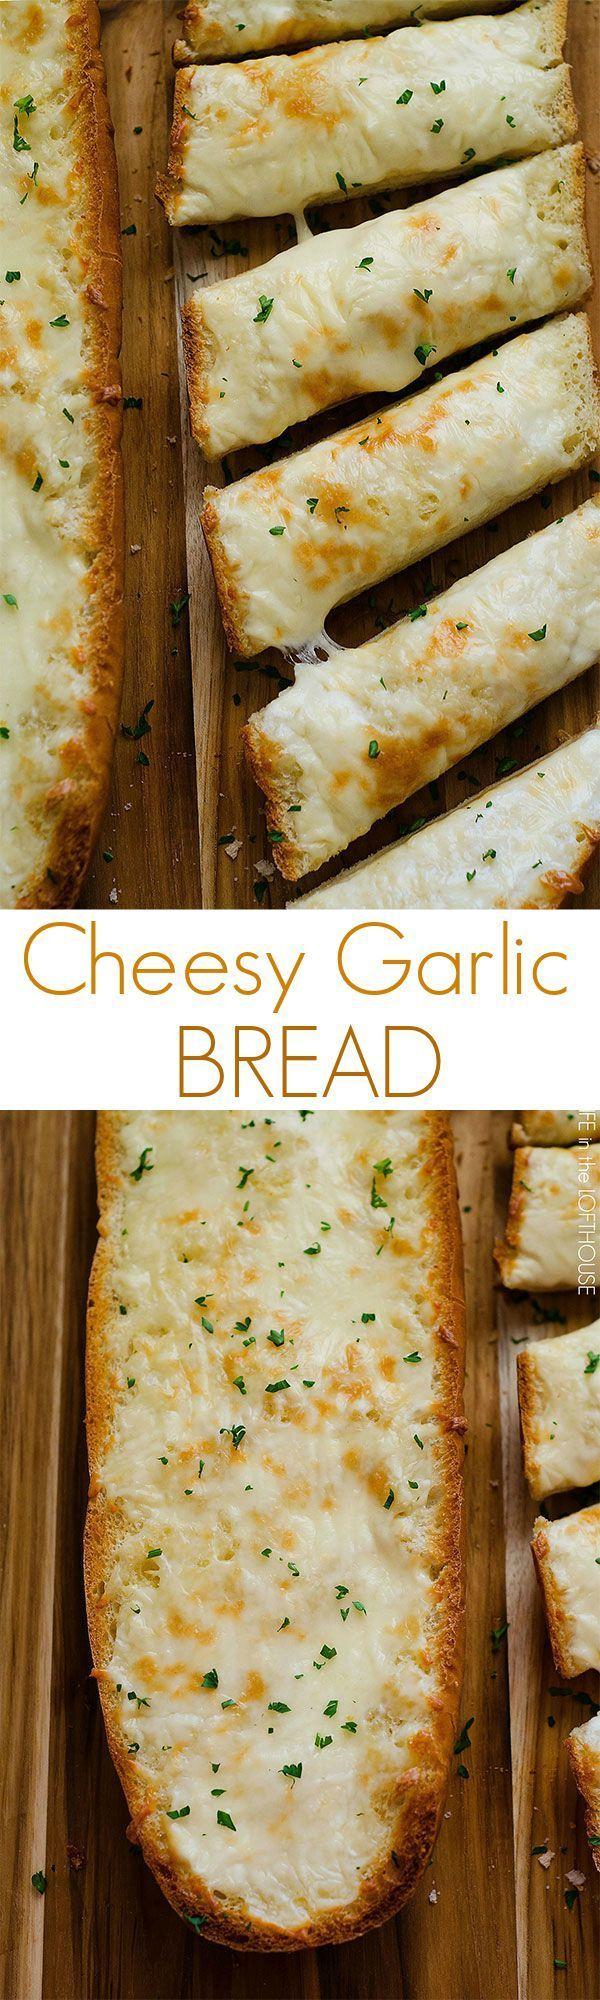 käsiges Knoblauchbrot, käsiges Brot, französisches Brot   – Rezepte